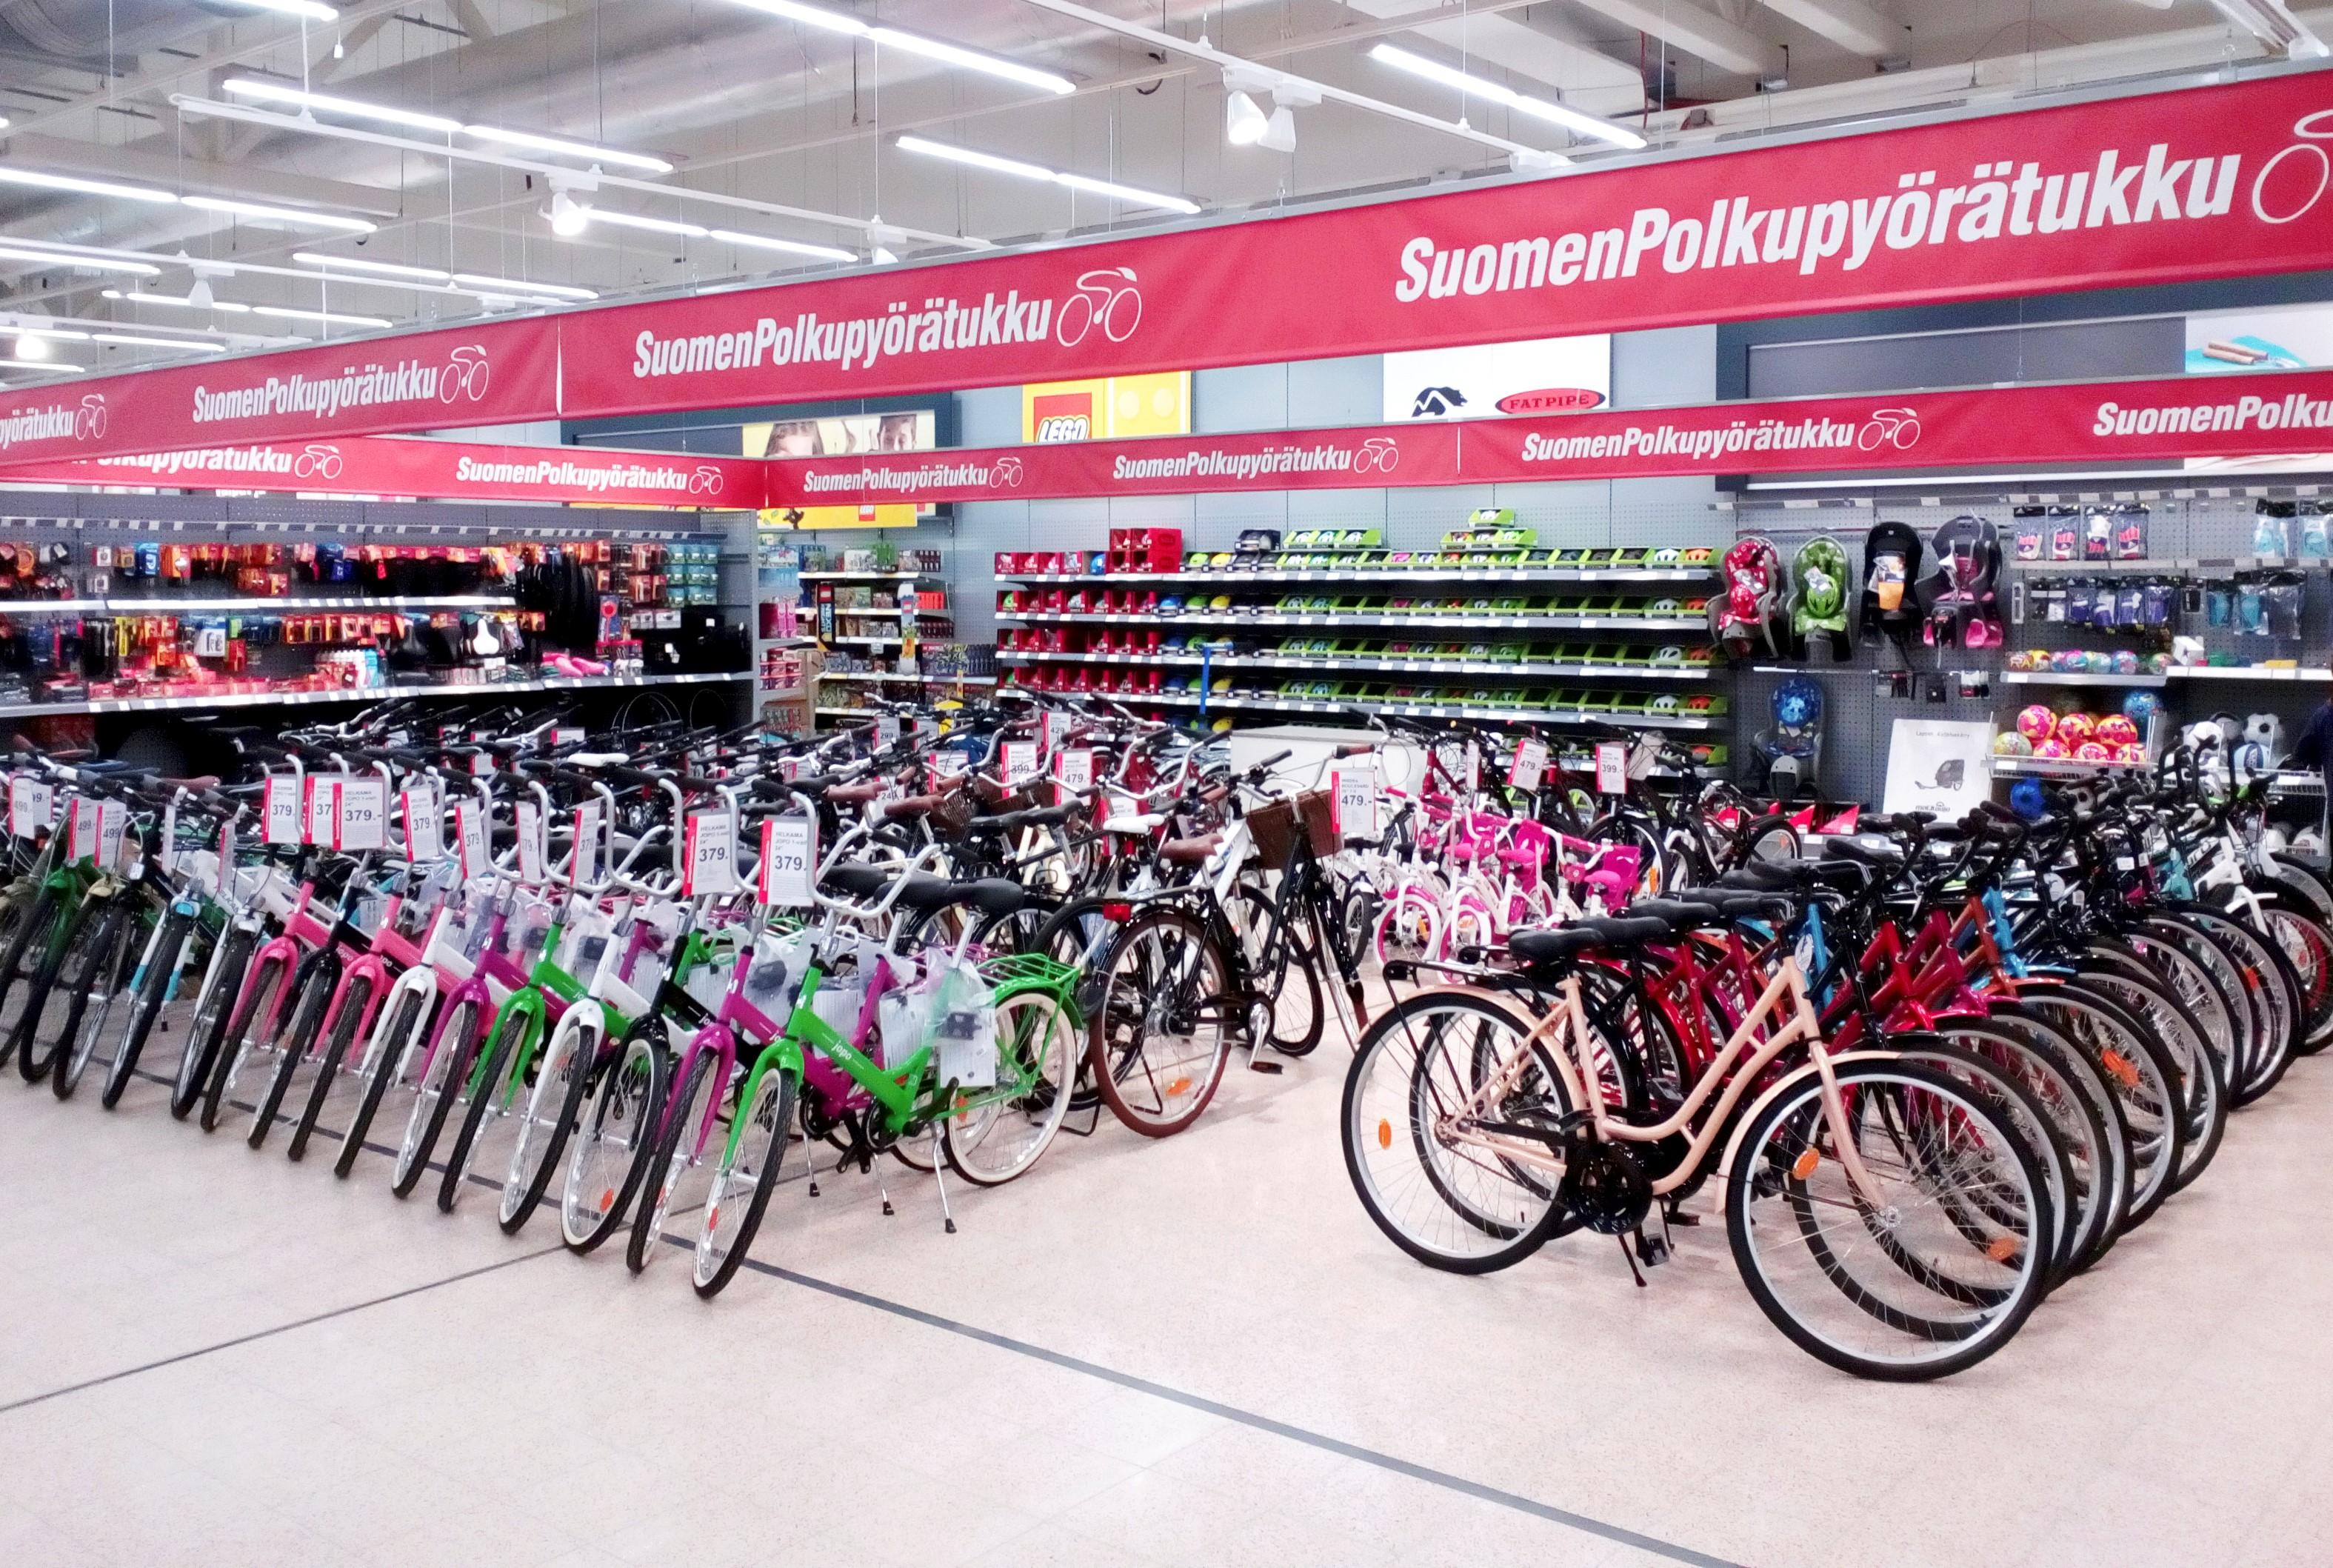 Suomen Polkupyörätukku Oy